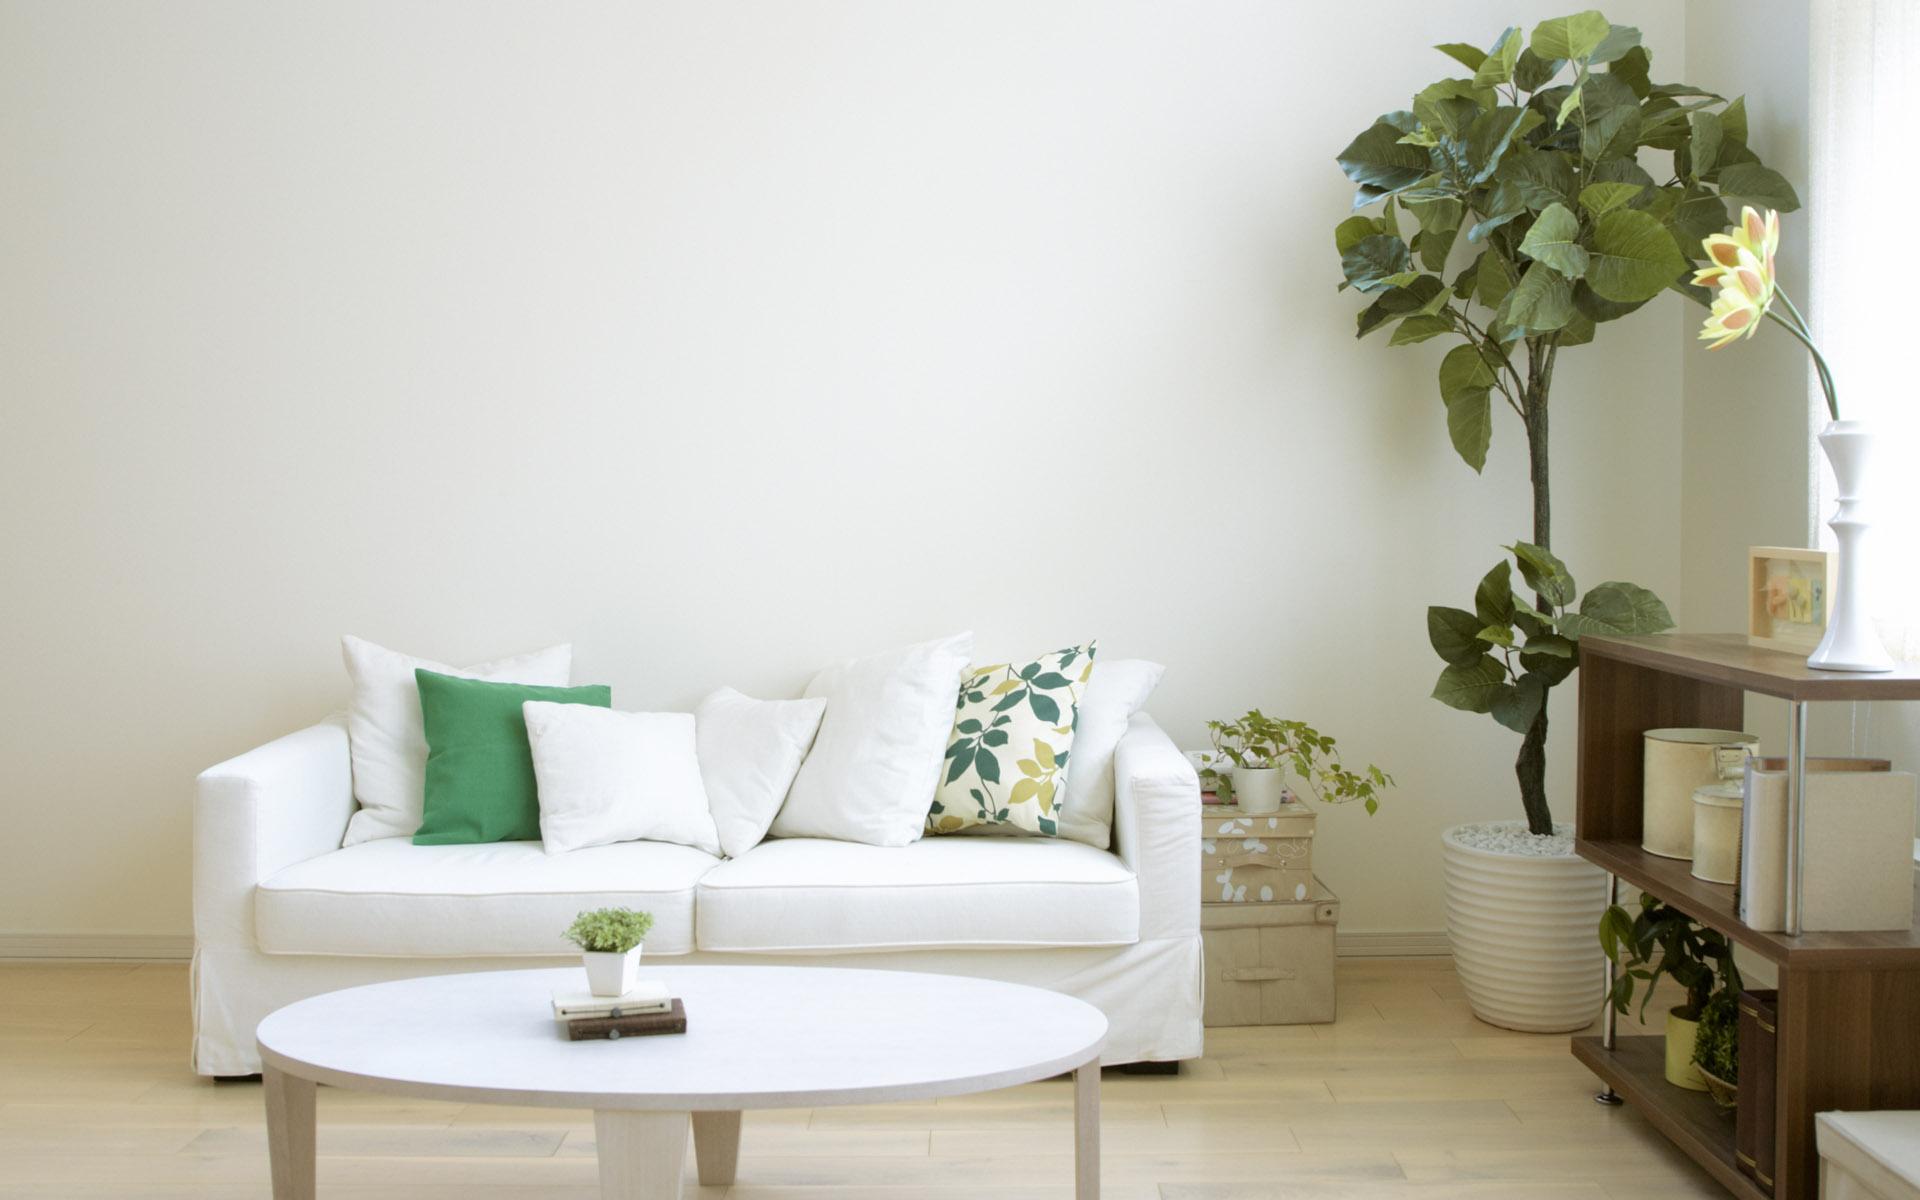 whitegreen2.jpg